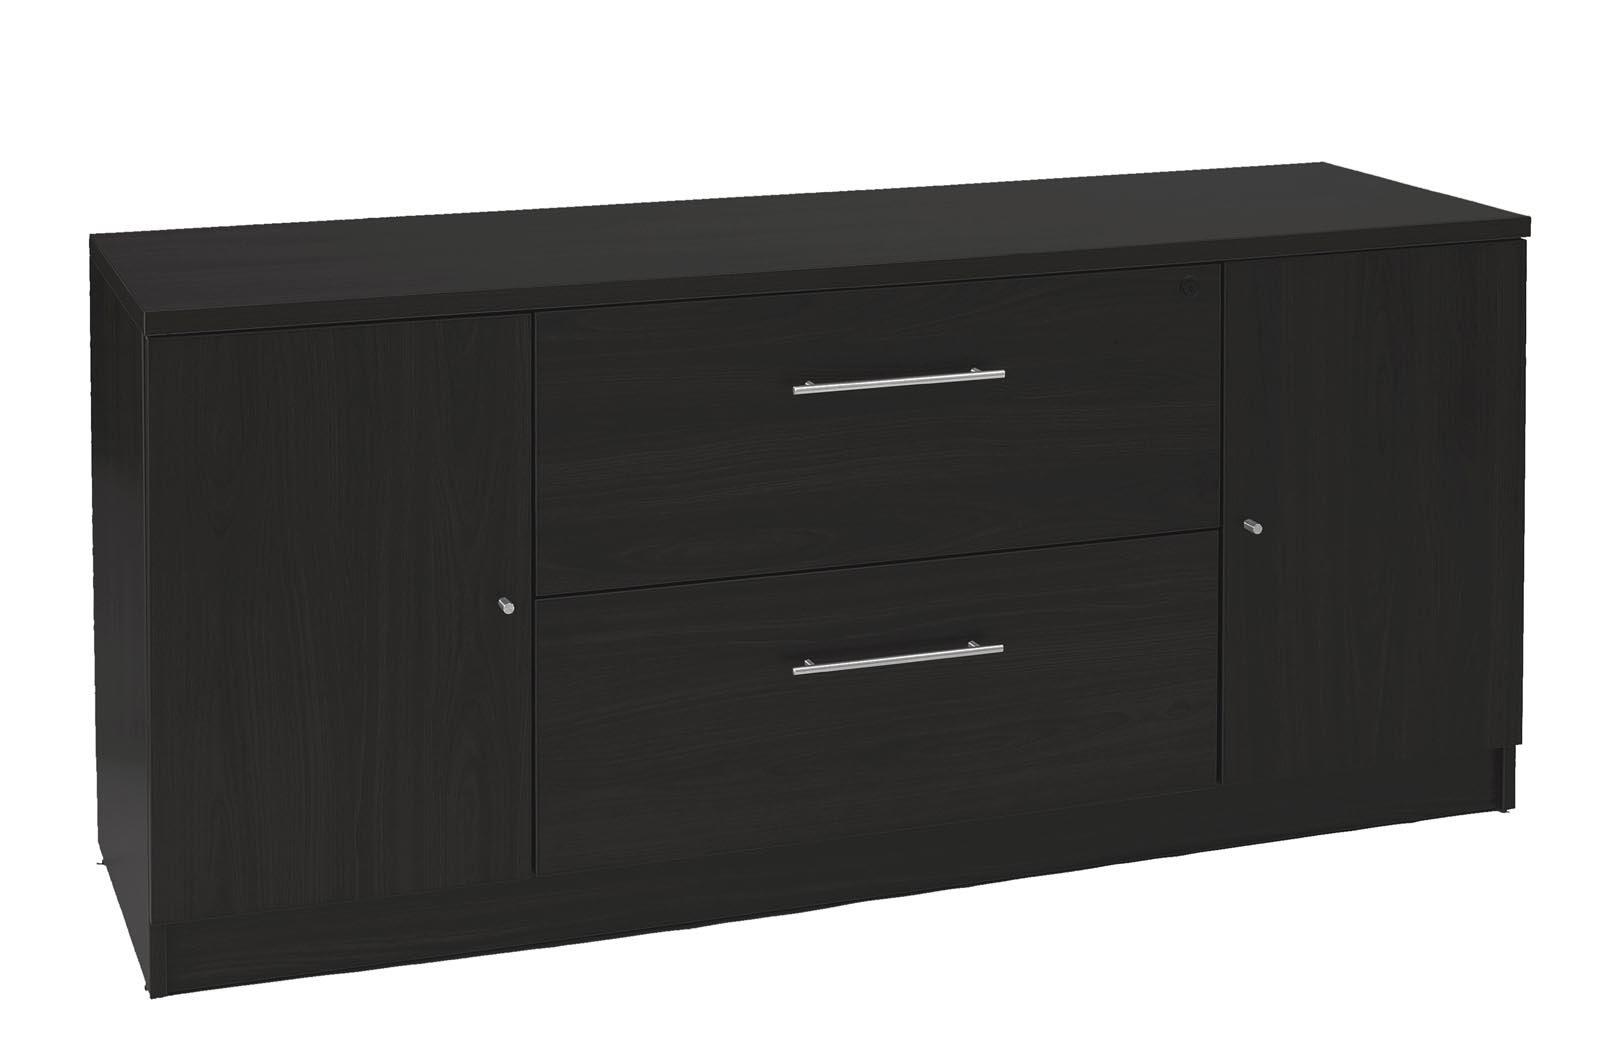 Unique Furniture 163202-ESP Storage Credenza, Espresso